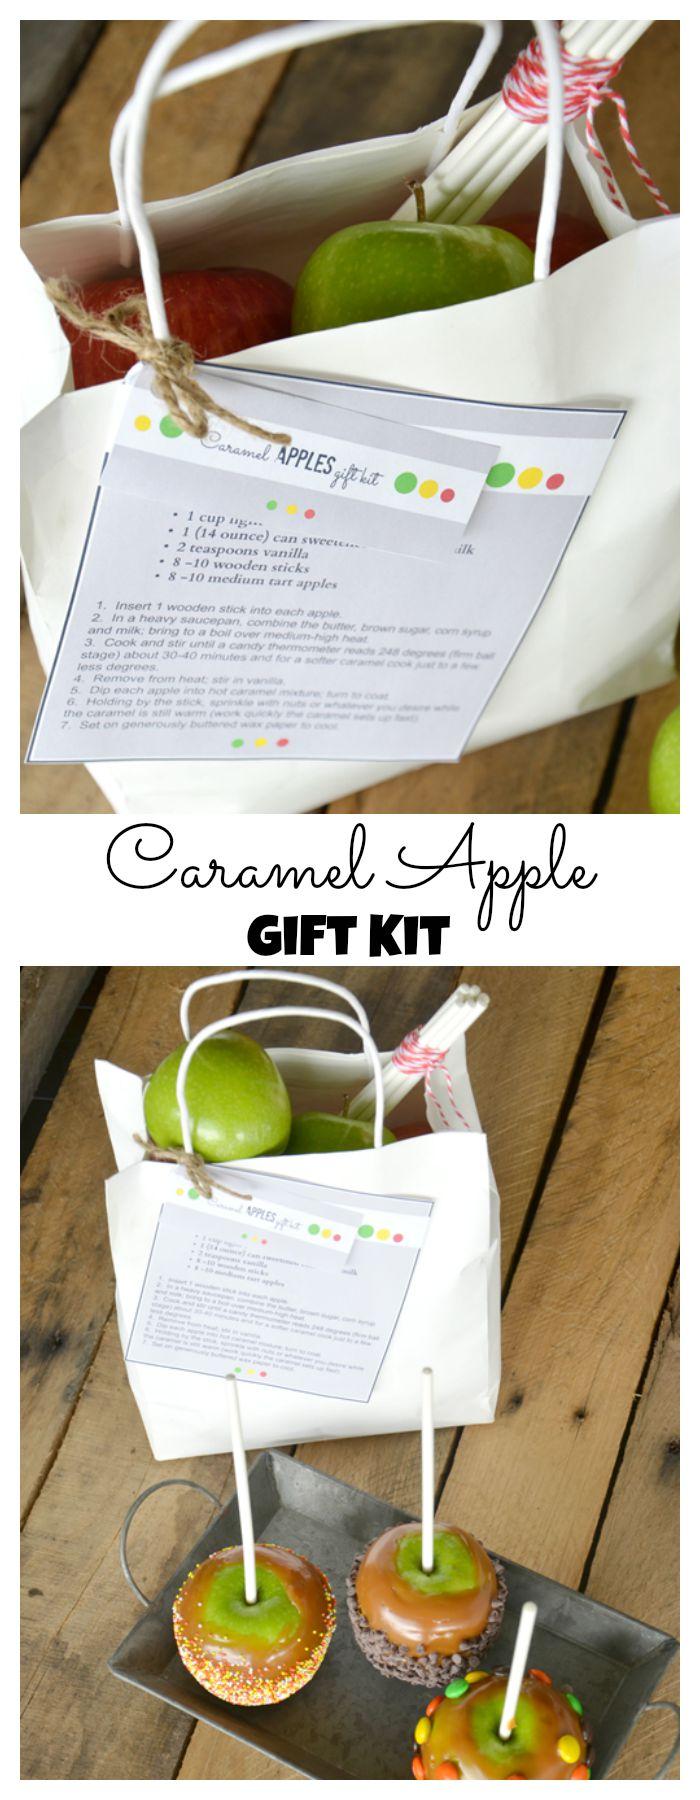 Caramel-Apple-Gift-Kit